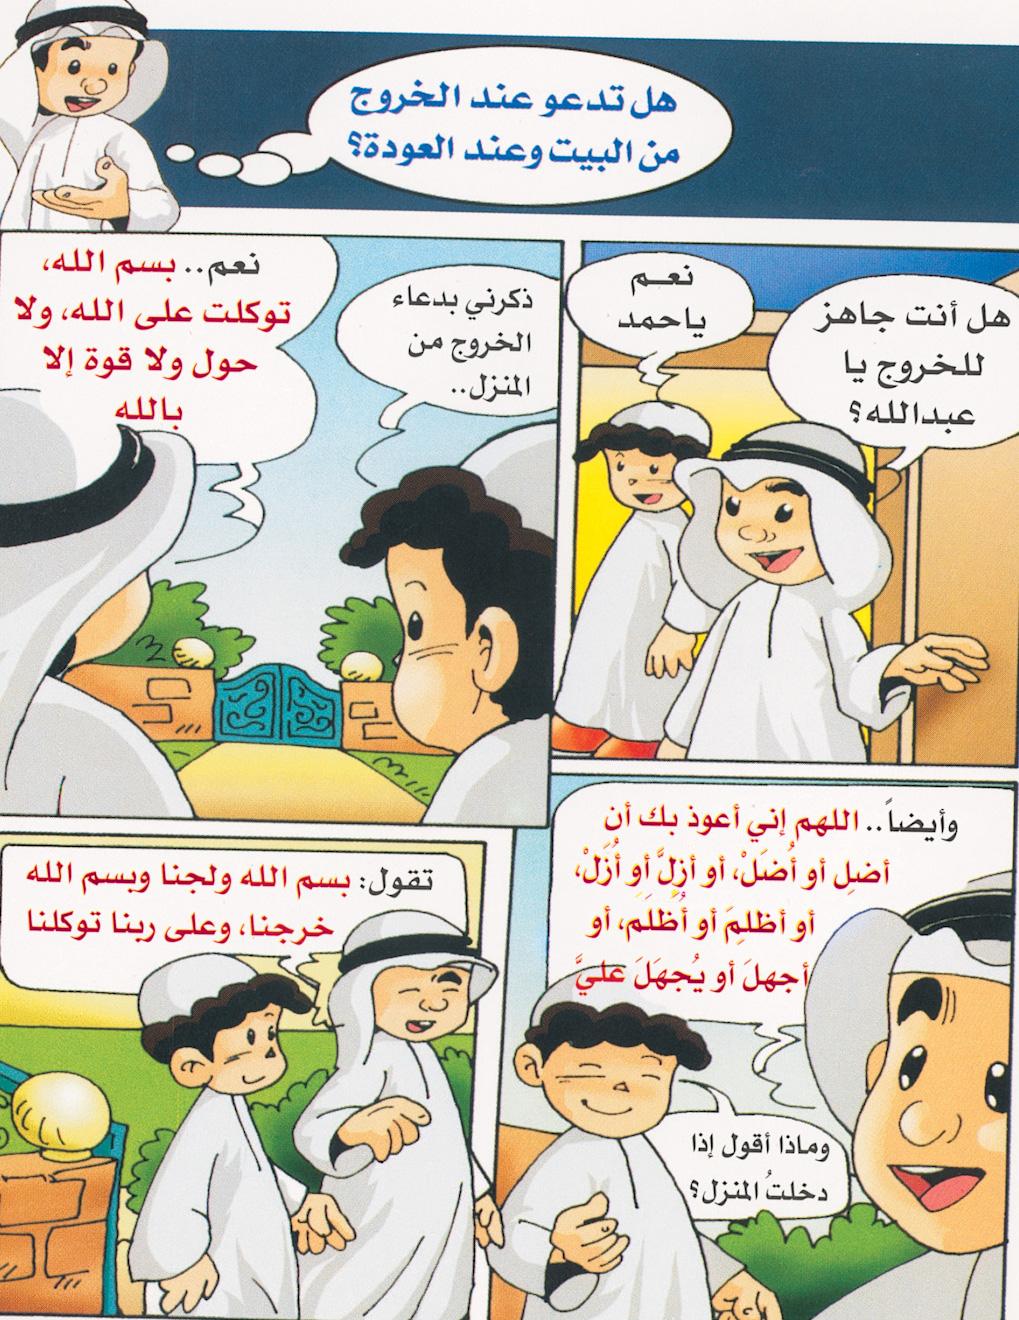 صورة قصص دينية للاطفال مكتوبة , اروع قصص للاطفال مسلية دينية